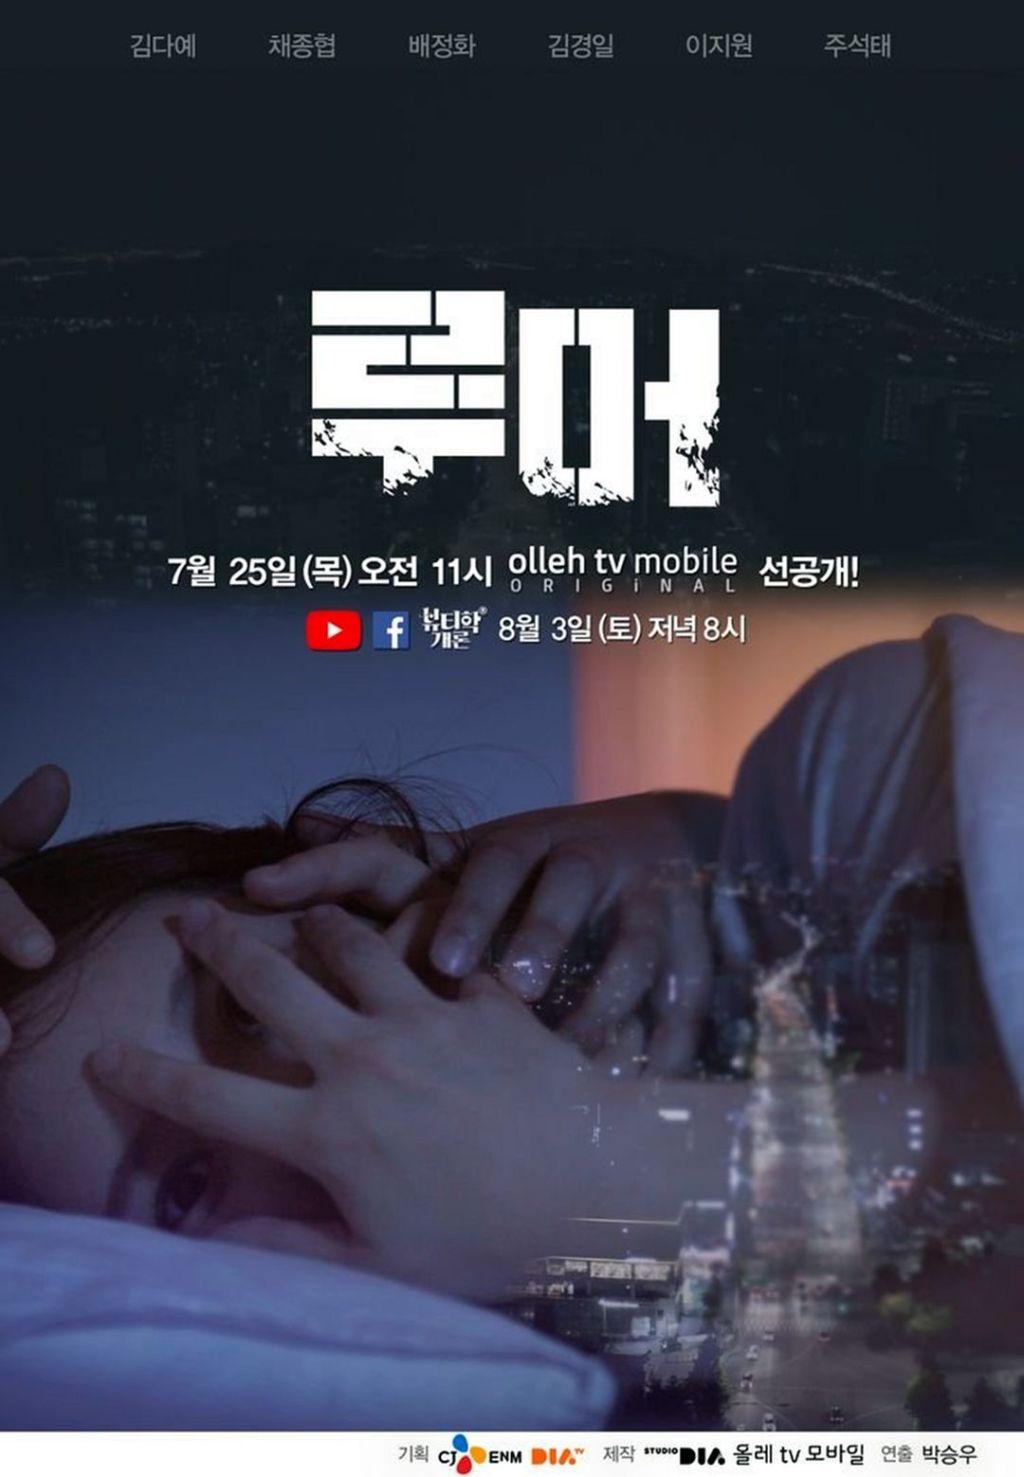 Sinopsis Dan Profil Lengkap Pemeran Web Drama Rumor (2019)